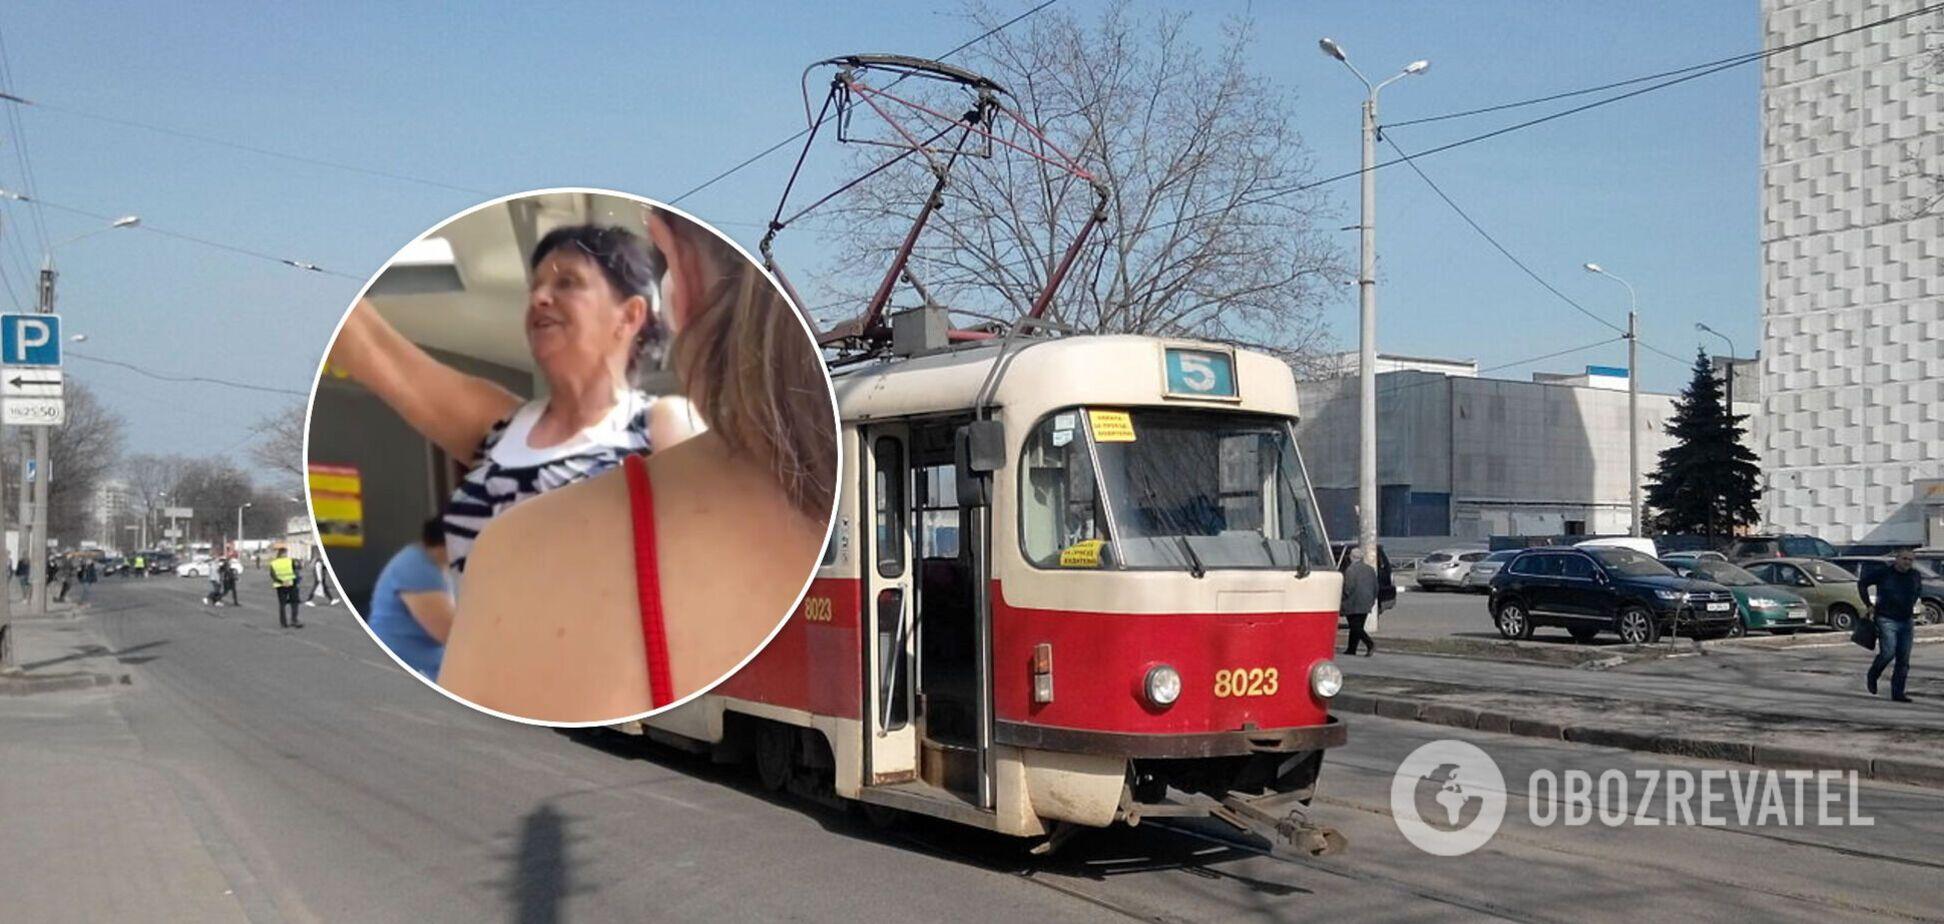 У Харкові кондукторка влаштувала в трамваї скандал: вчила користуватися електронними квитками. Відео